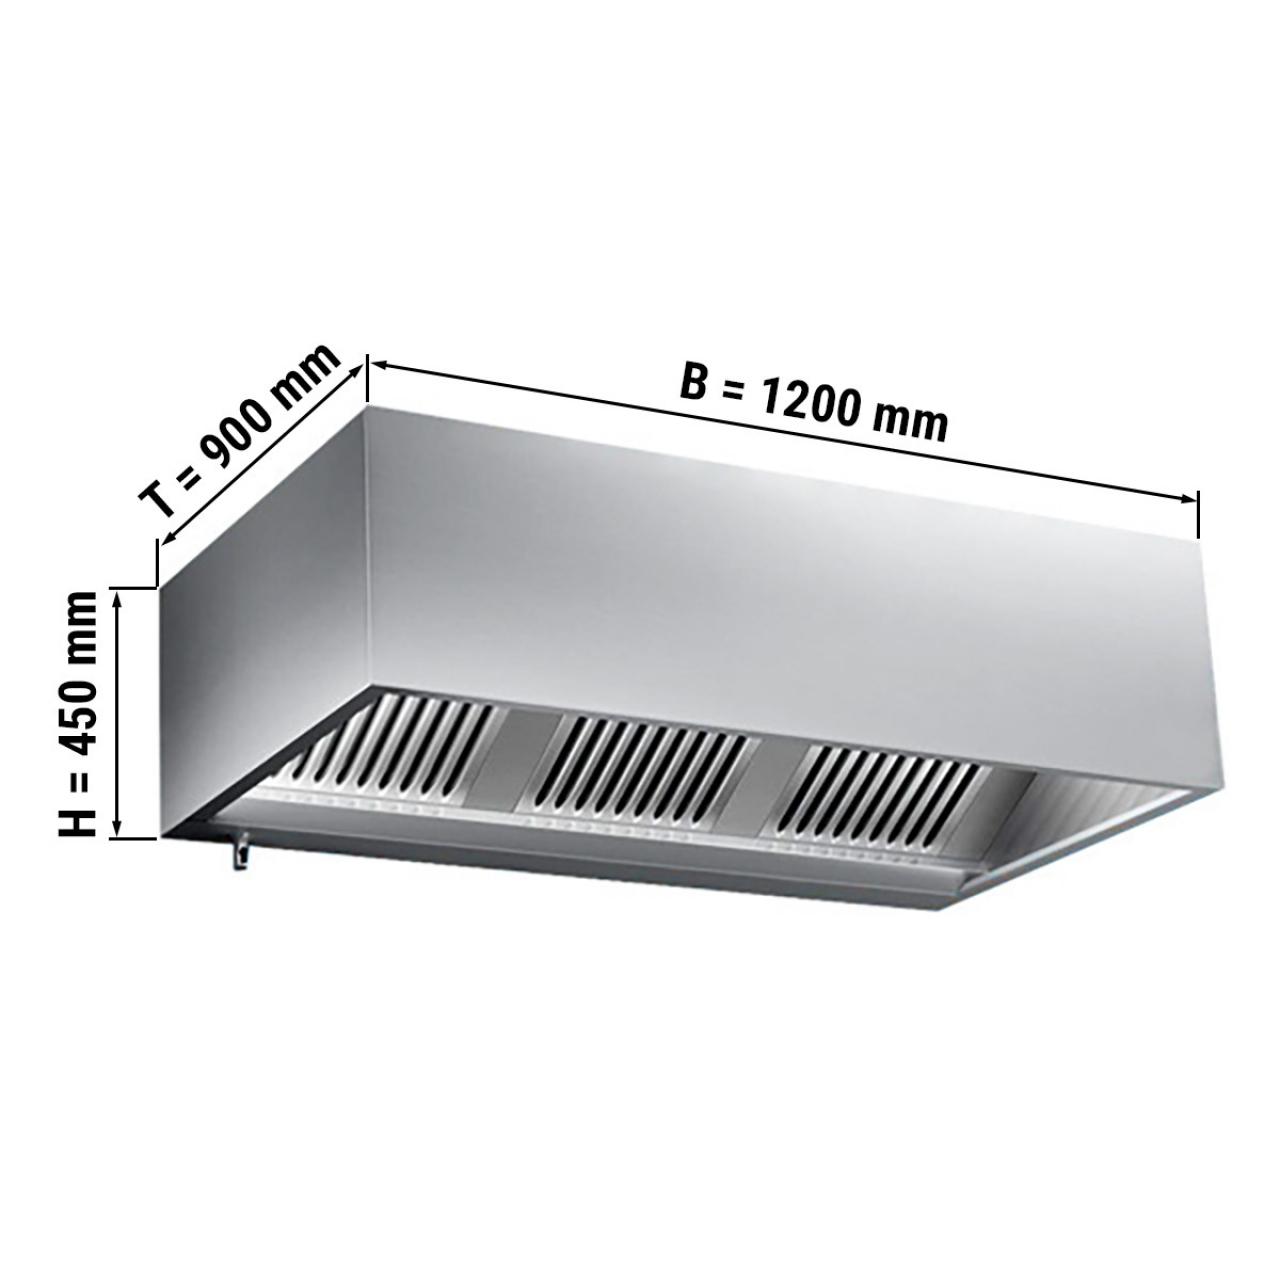 Kubu 1200x900